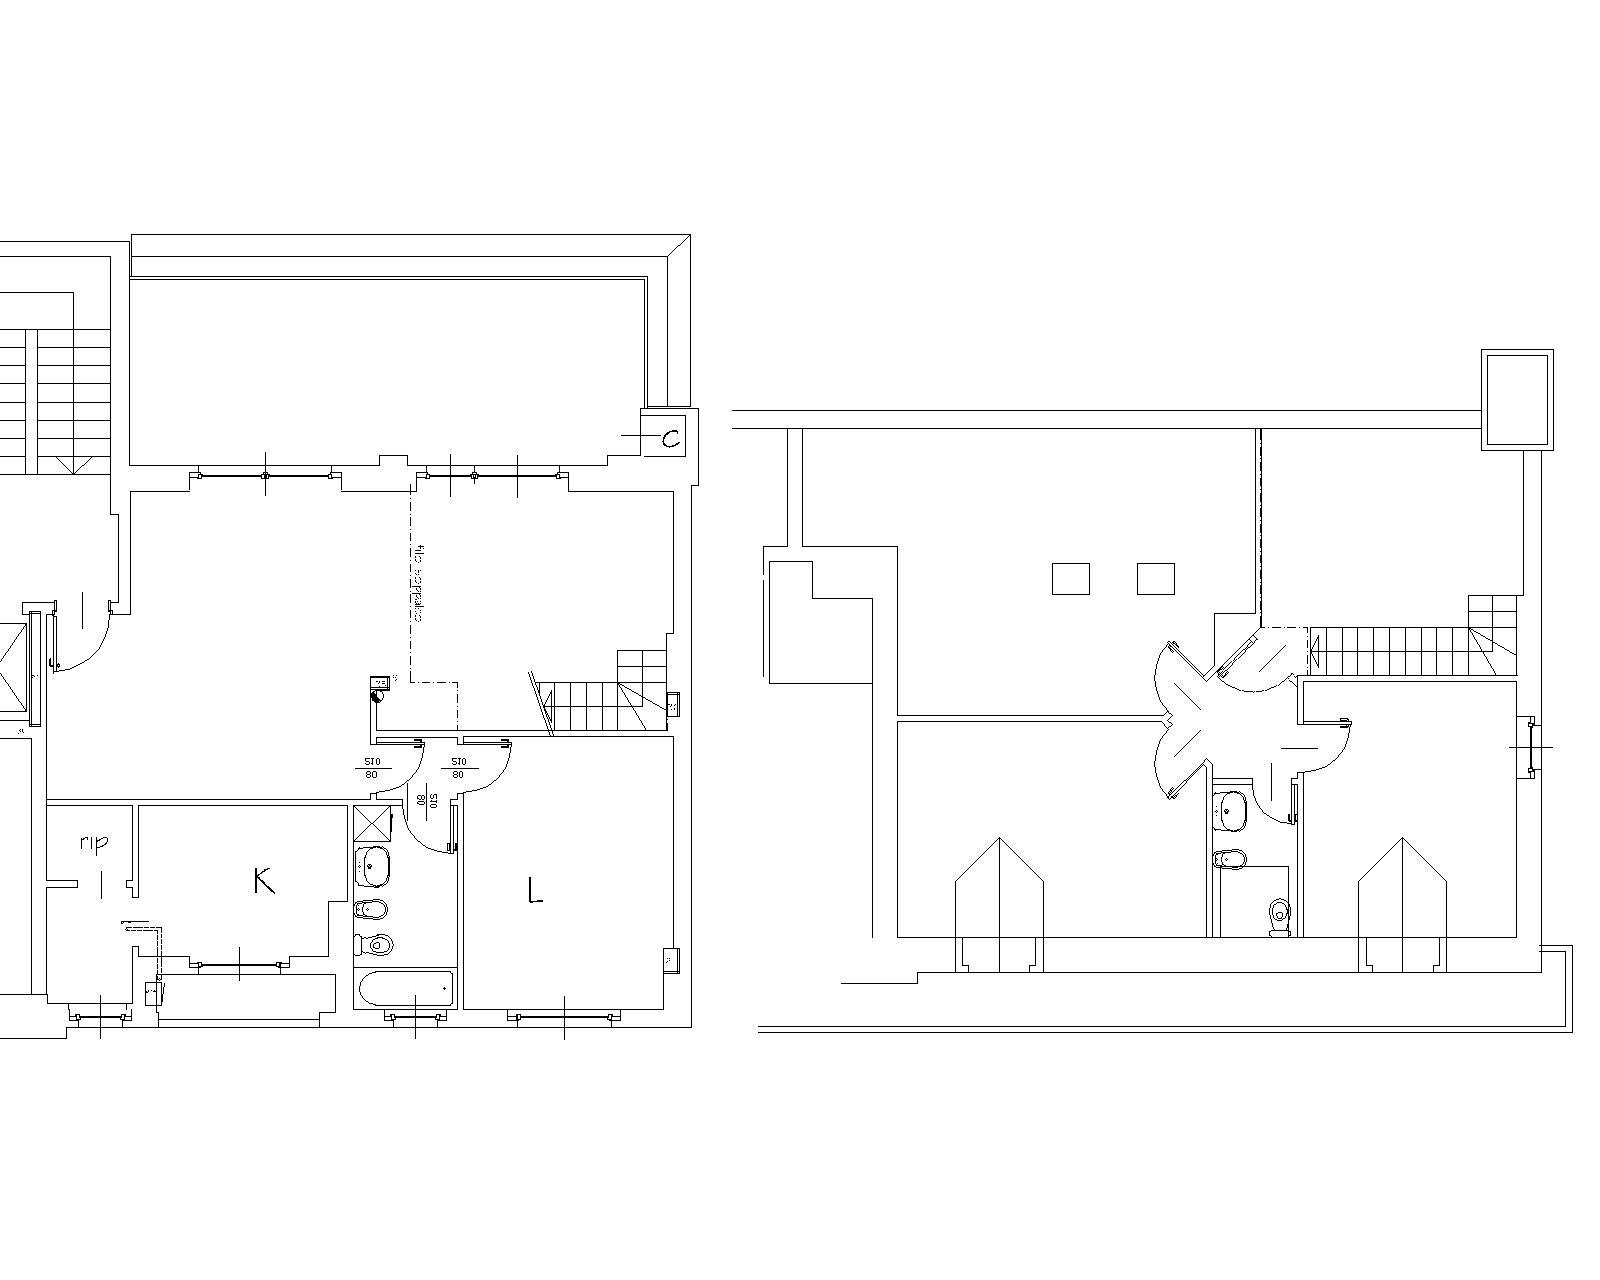 Progetto all'acquisto: planimetria dei due livelli